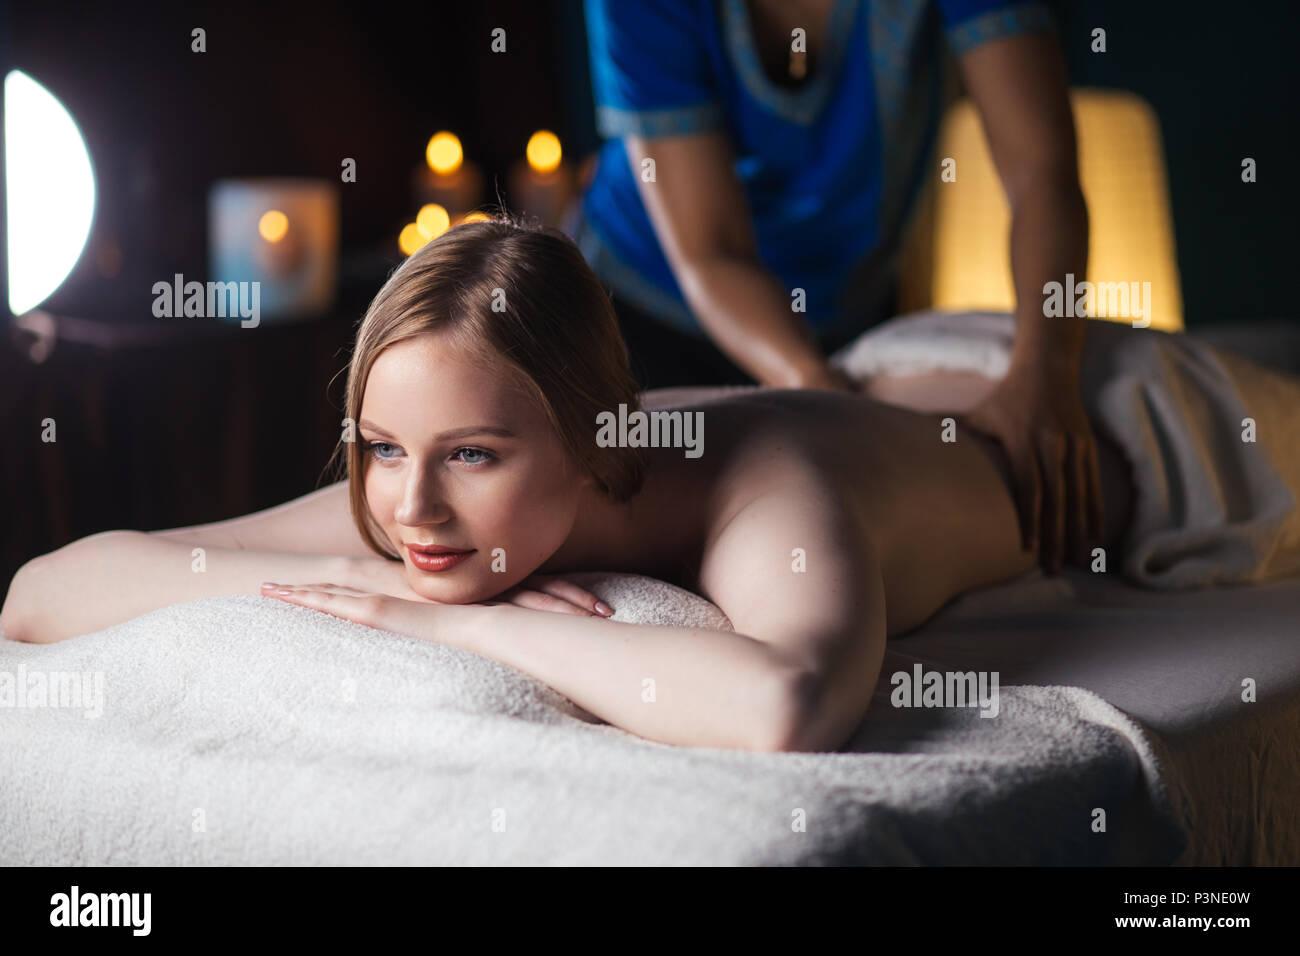 Mani massaggio del dorso, giacente sul ventre di una donna Immagini Stock